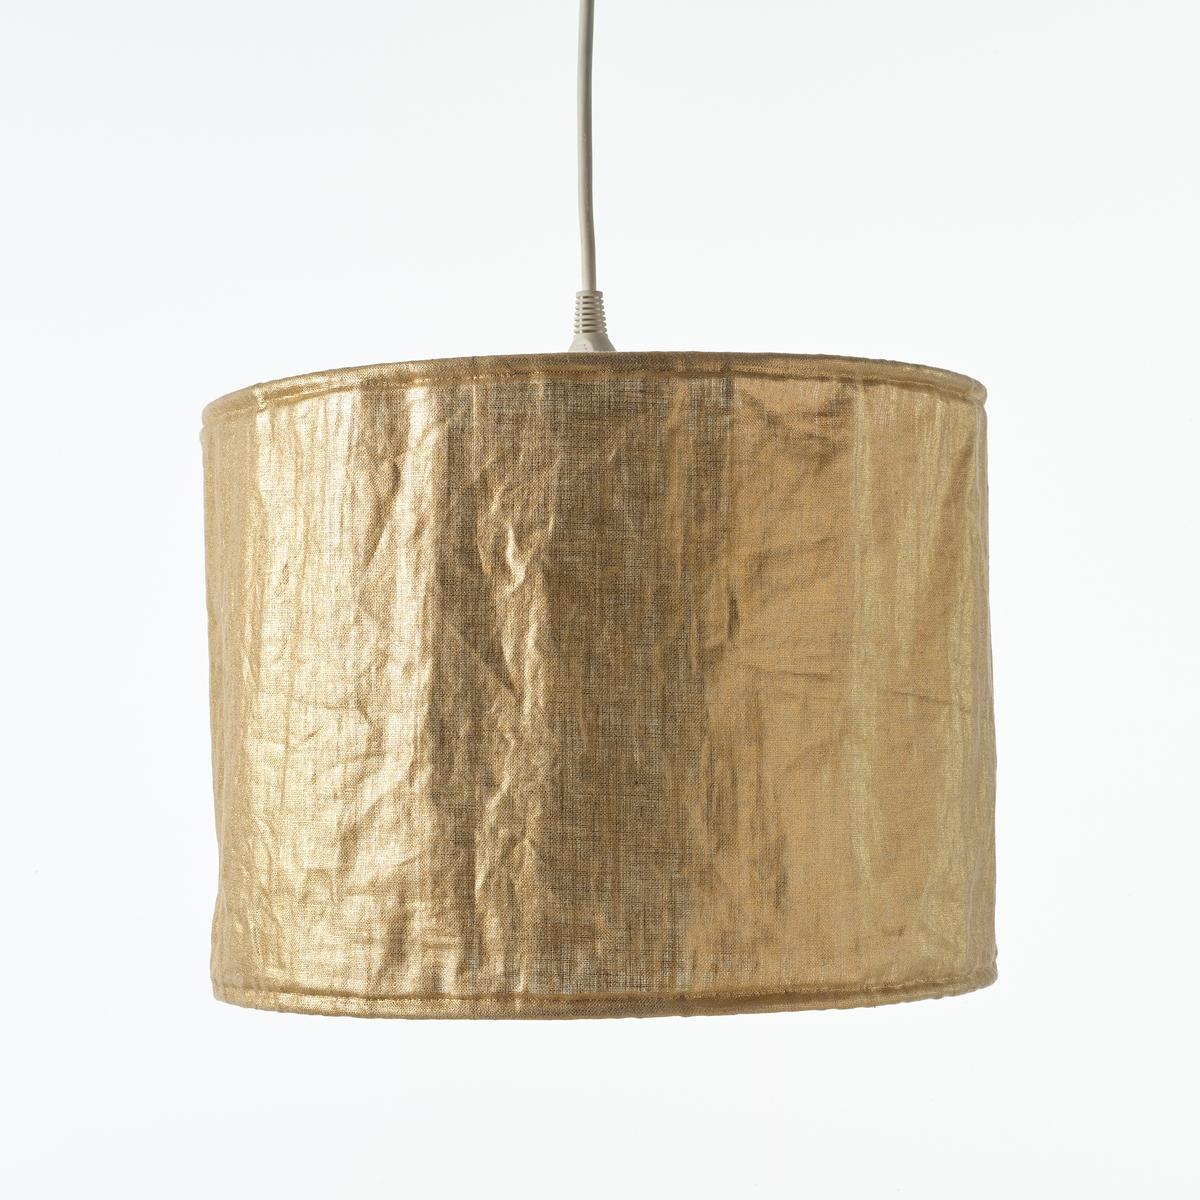 Люстра La Redoute Золотистого цвета из льна Goldyni диаметр 40 см золотистый комплект из полотенце для la redoute рук из хлопка и льна nipaly 50 x 100 см белый